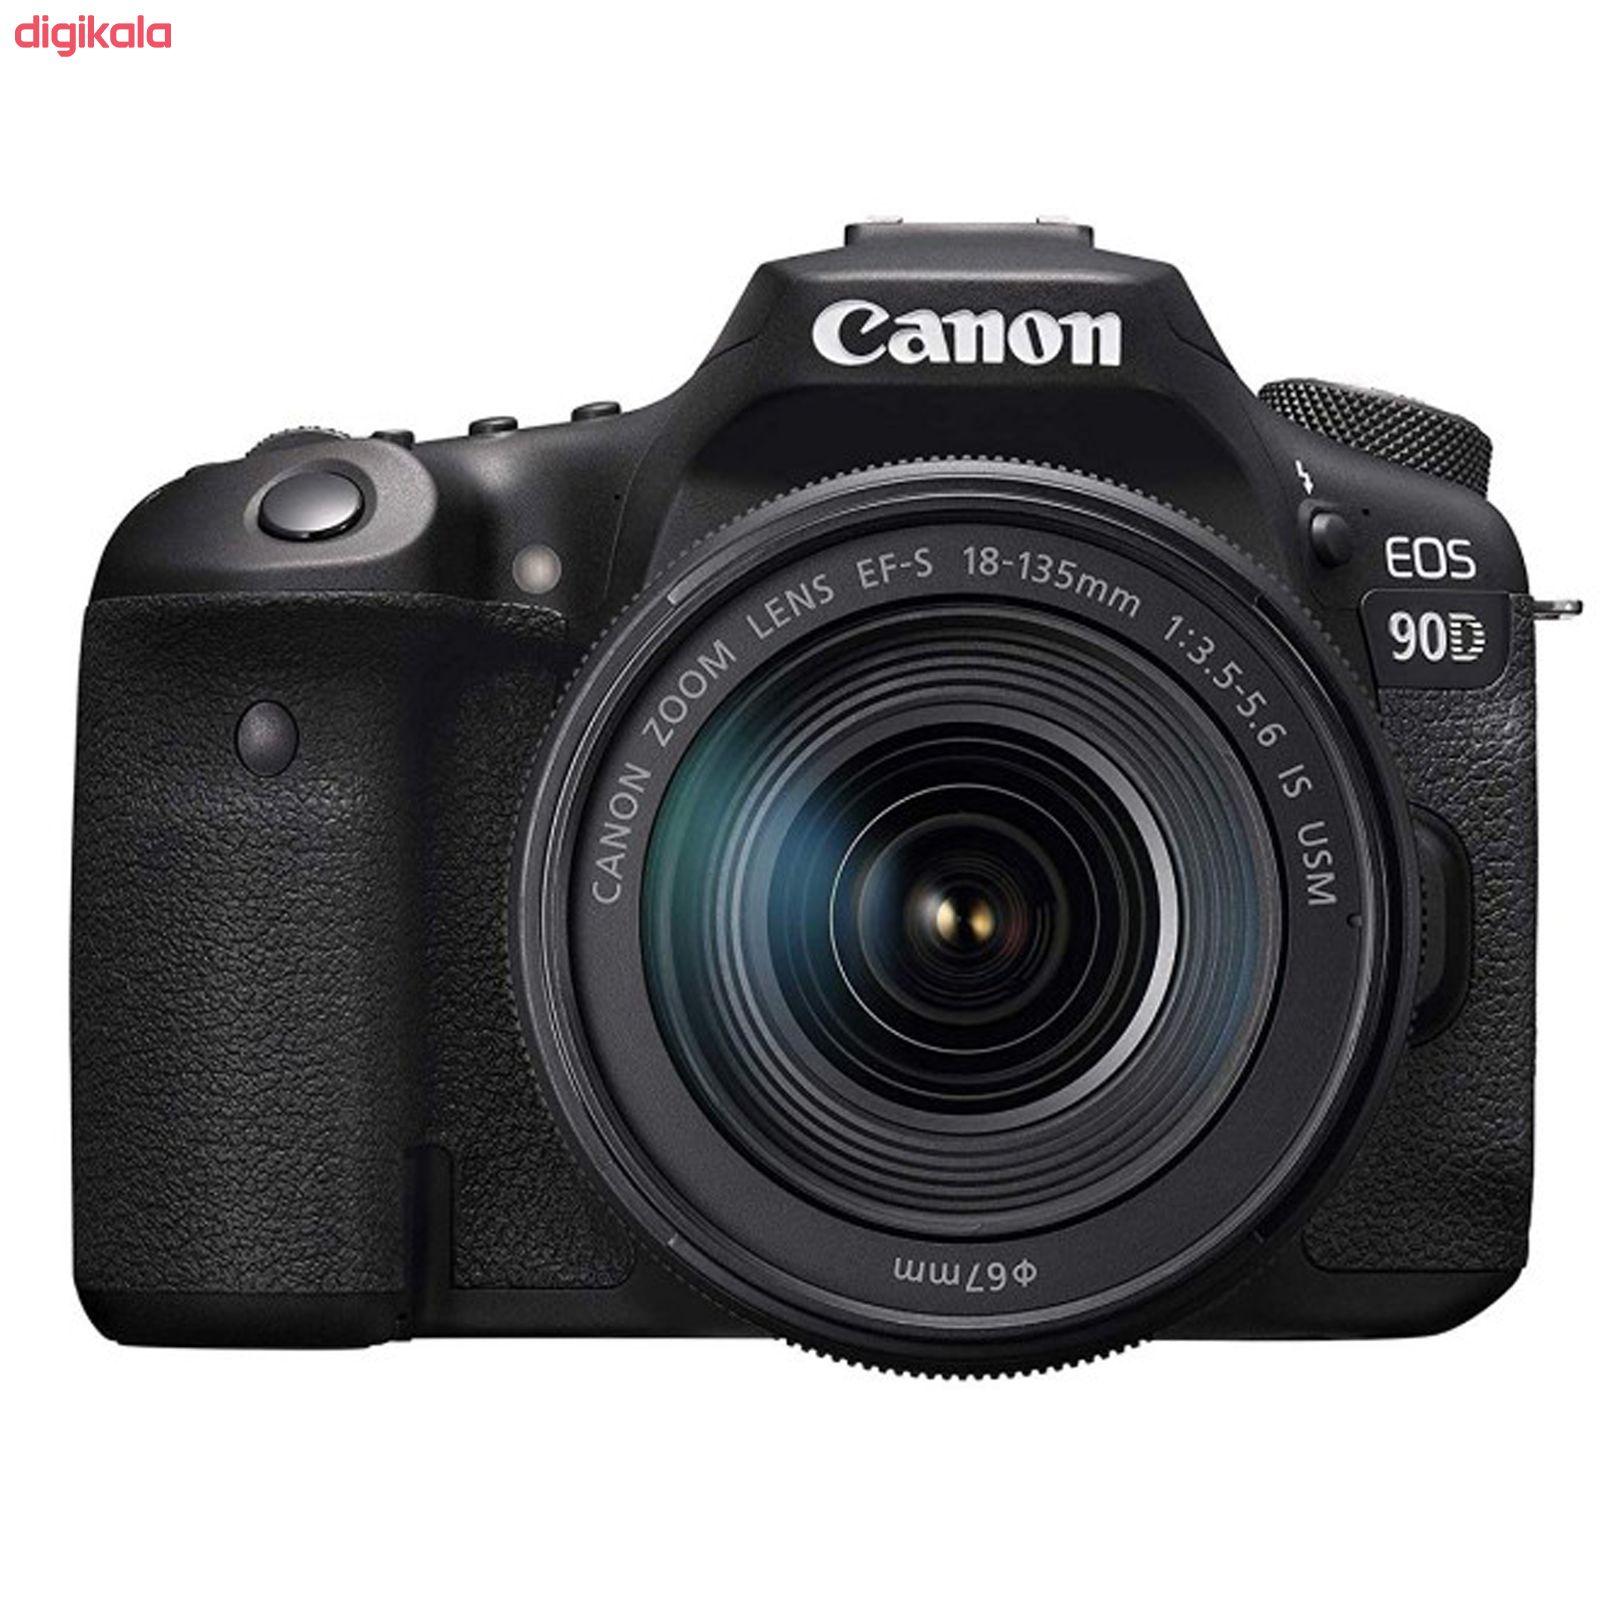 دوربین دیجیتال کانن مدل EOS 90D به همراه لنز 135-18 میلی متر IS USM main 1 1